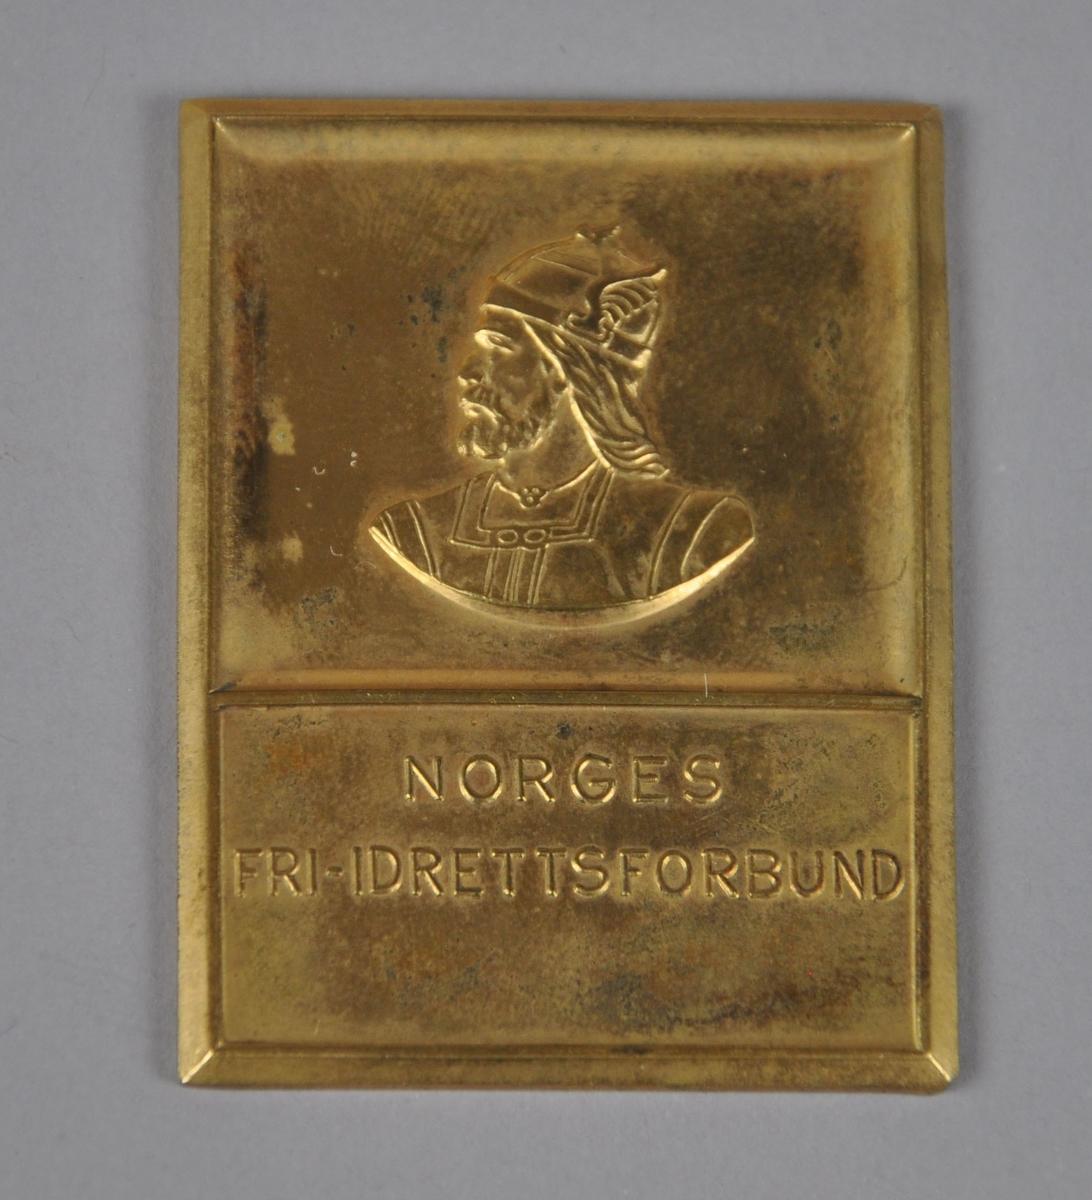 Medalje / plakett med bilde av en viking med hjelm og inskripsjon. Plaketten ligger i eske med gjenstandsnr. OLM-08236